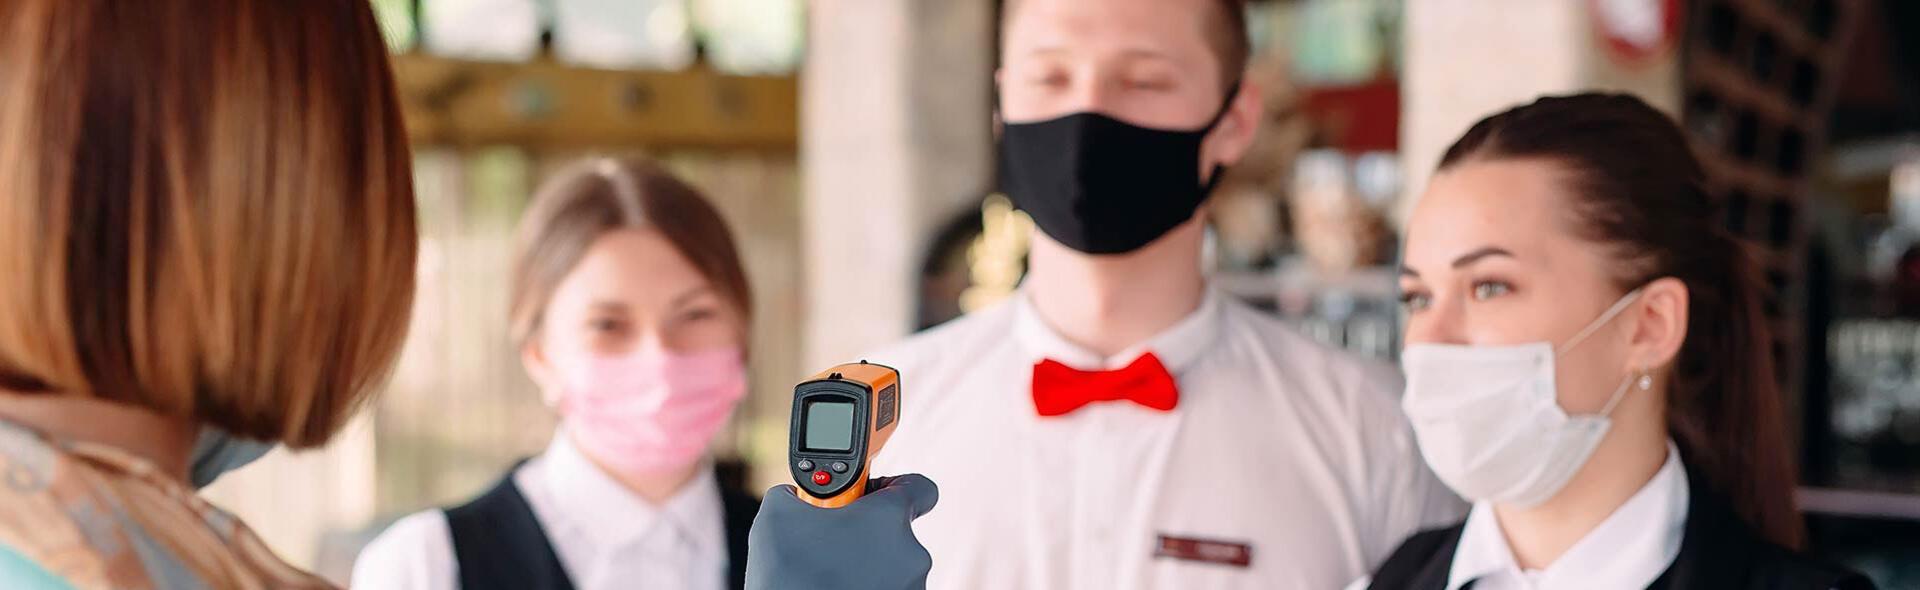 hsuisse de sicherer-urlaub 011